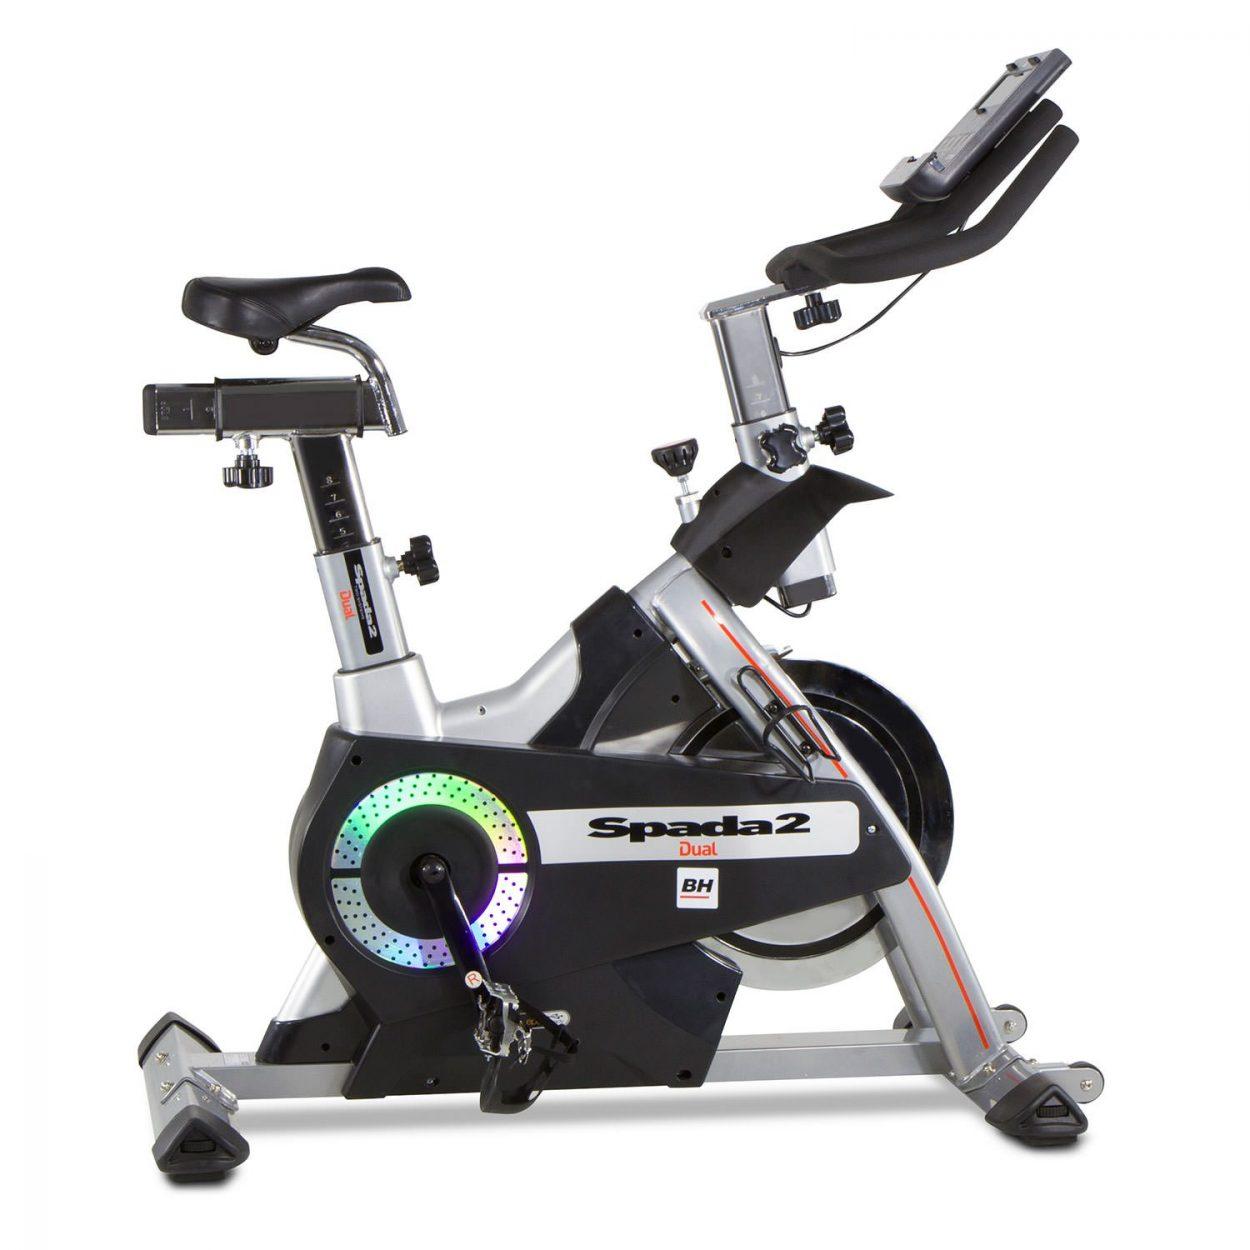 BH Fitness Spada Dual 2 Indoor Cycle